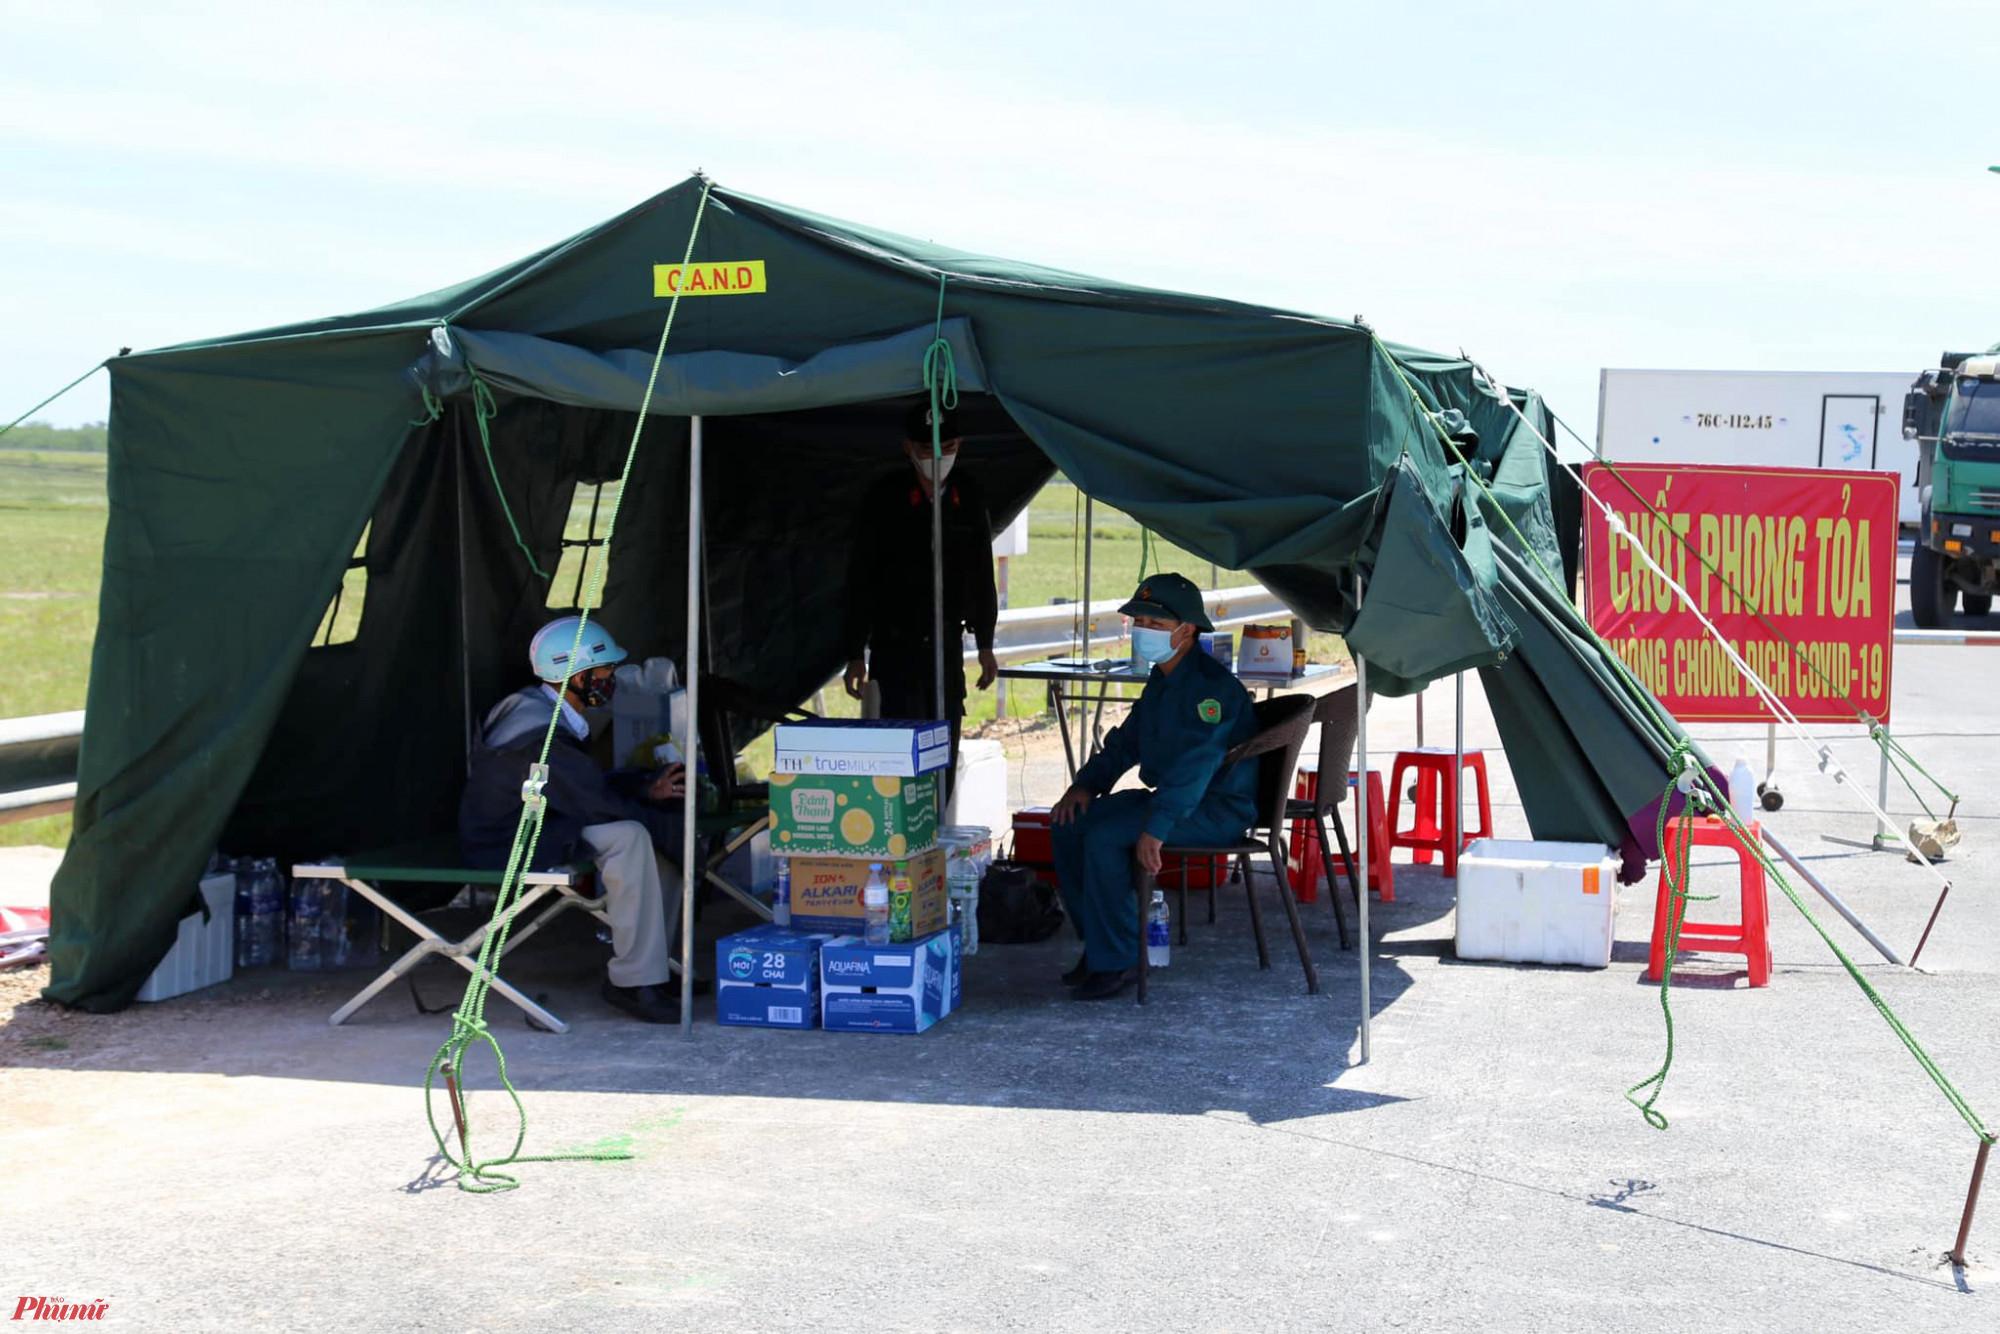 Lều bạt tối màu, hấp thu nhiệt lớn khiến nhiệt độ bên trong lúc đứng gió càng thêm nóng hơn ngoài trời